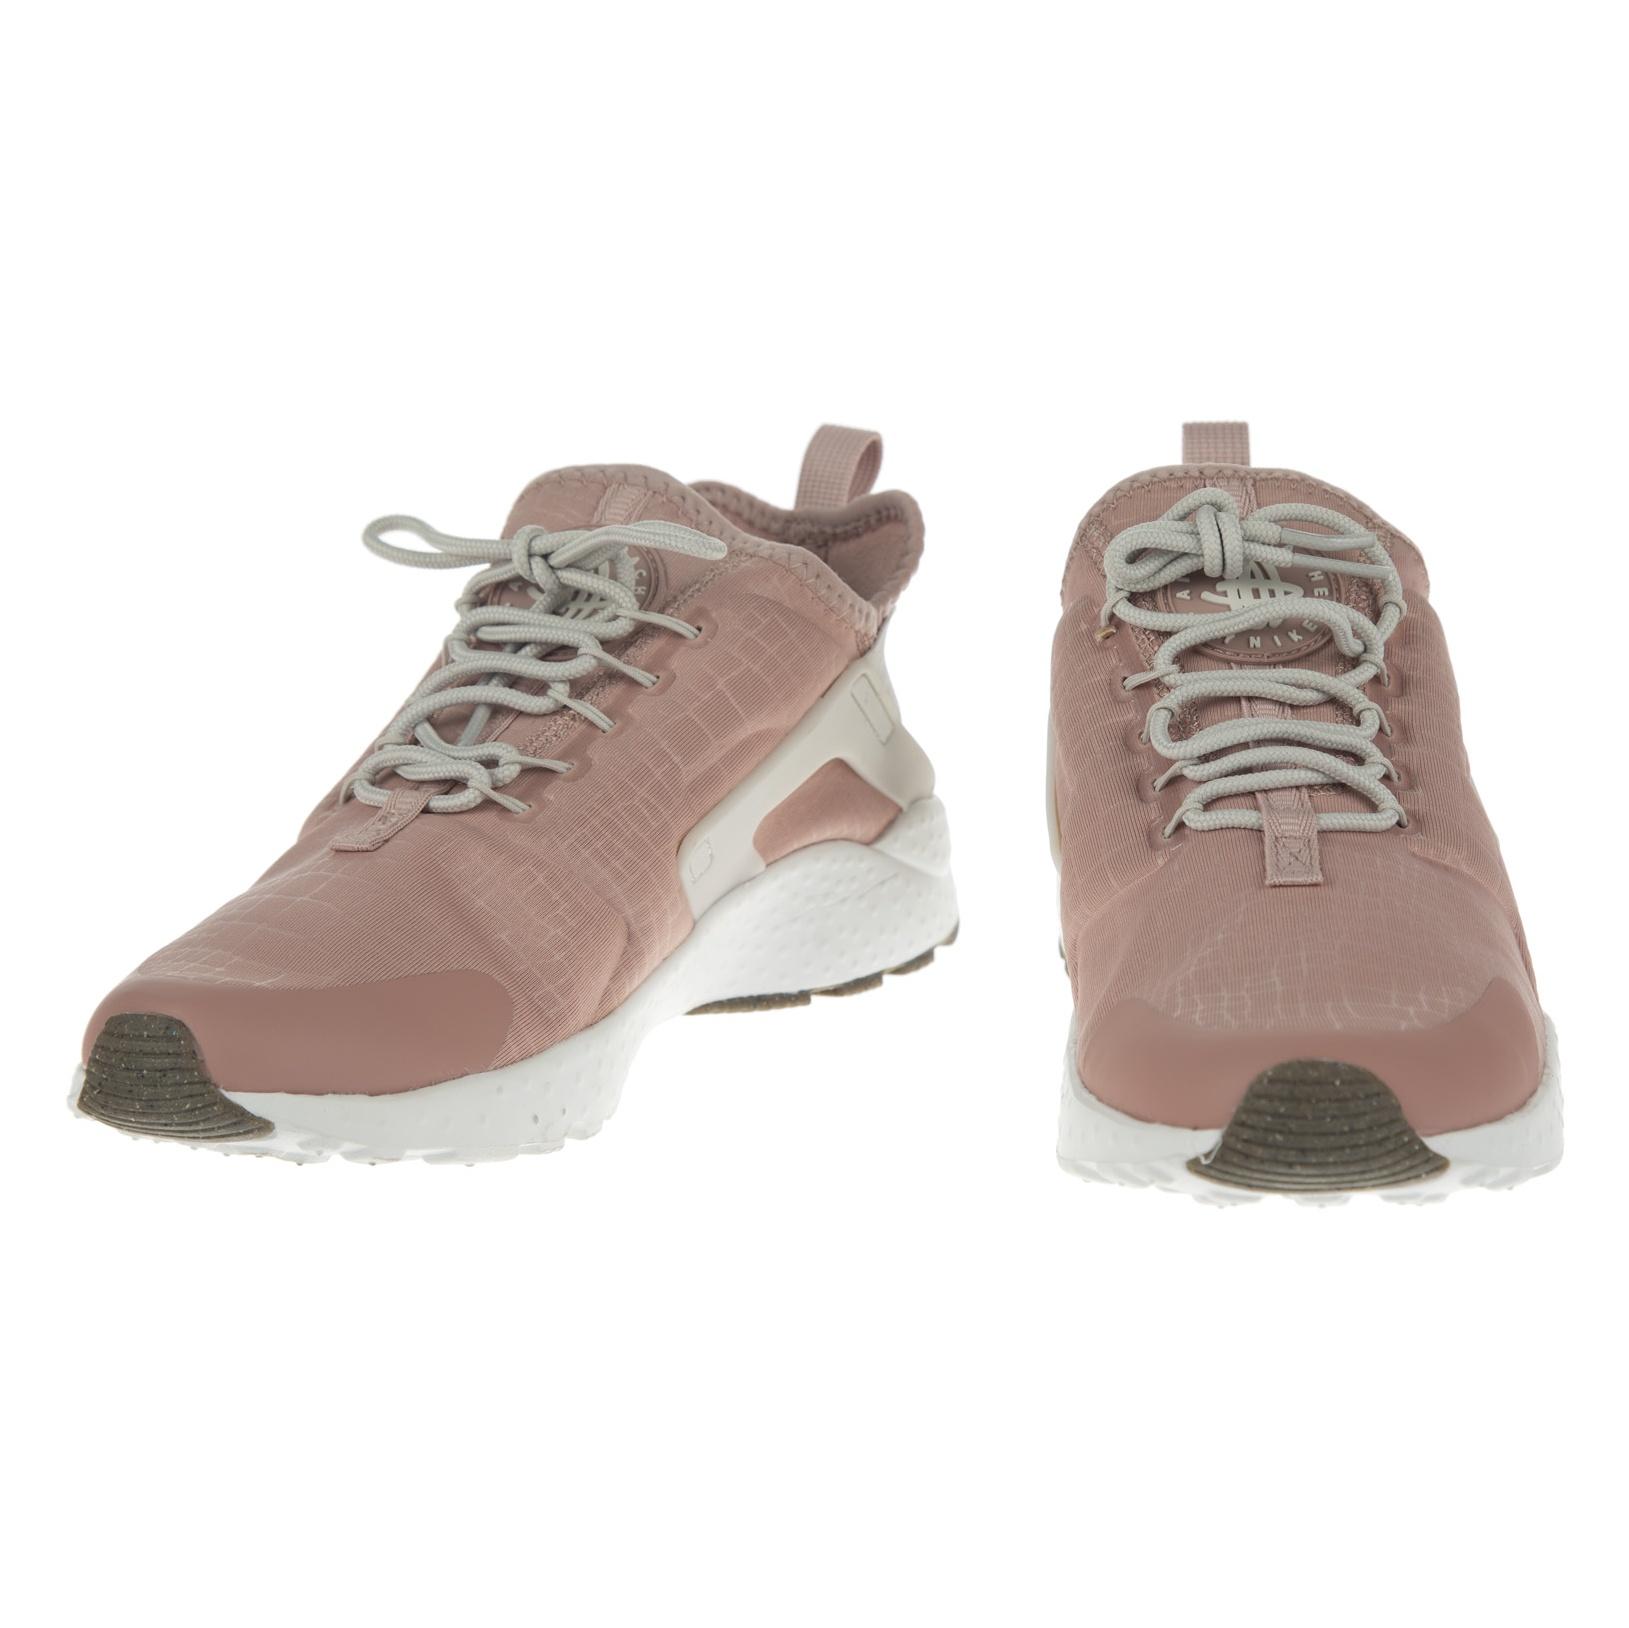 کفش ورزشی زنانه نایکی مدل Air Huarache